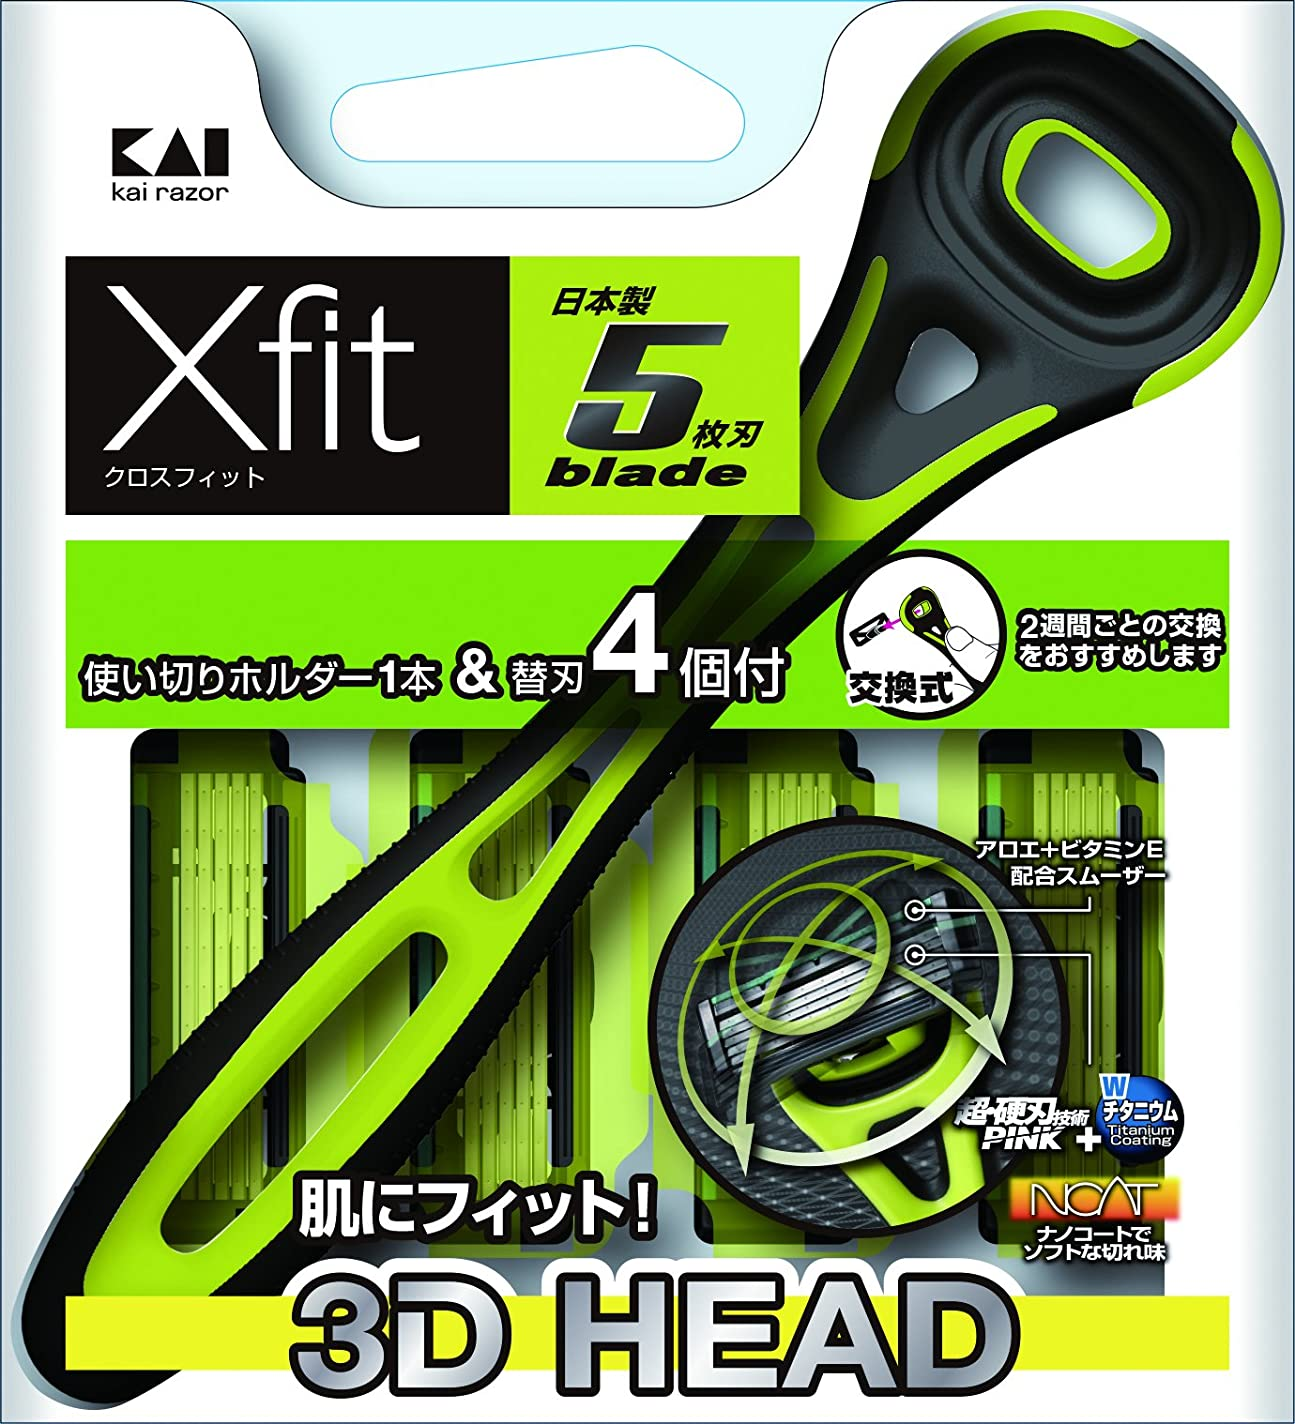 髄おしゃれじゃない地元Xfit(クロスフィット)5枚刃 クリアパッケージ 使い切りホルダー+替刃4個